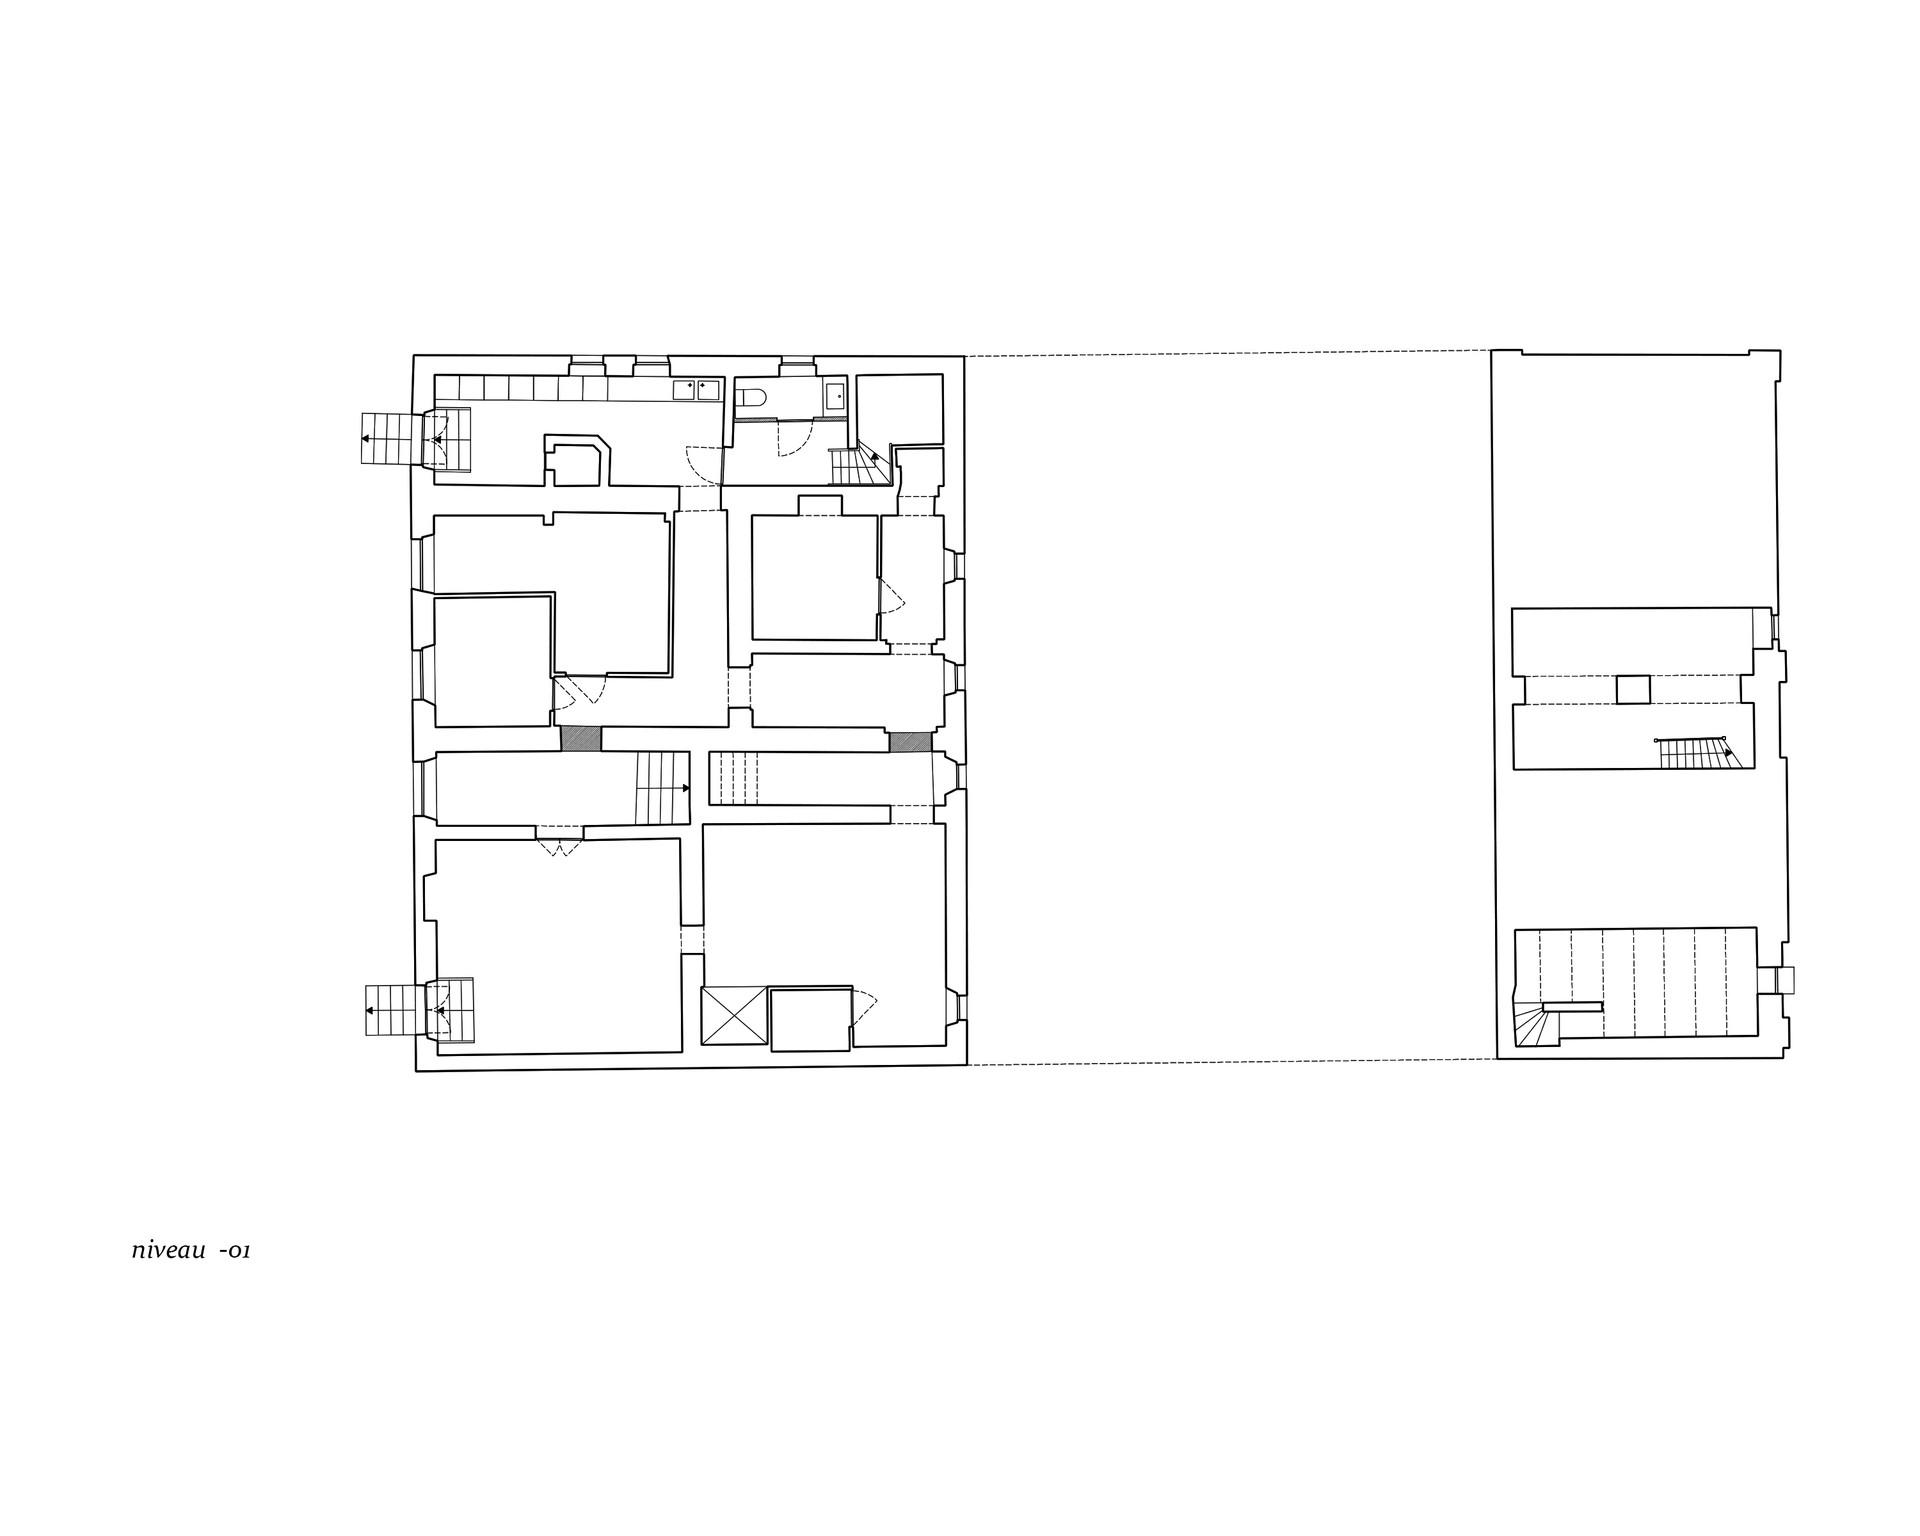 plan | niveau -01